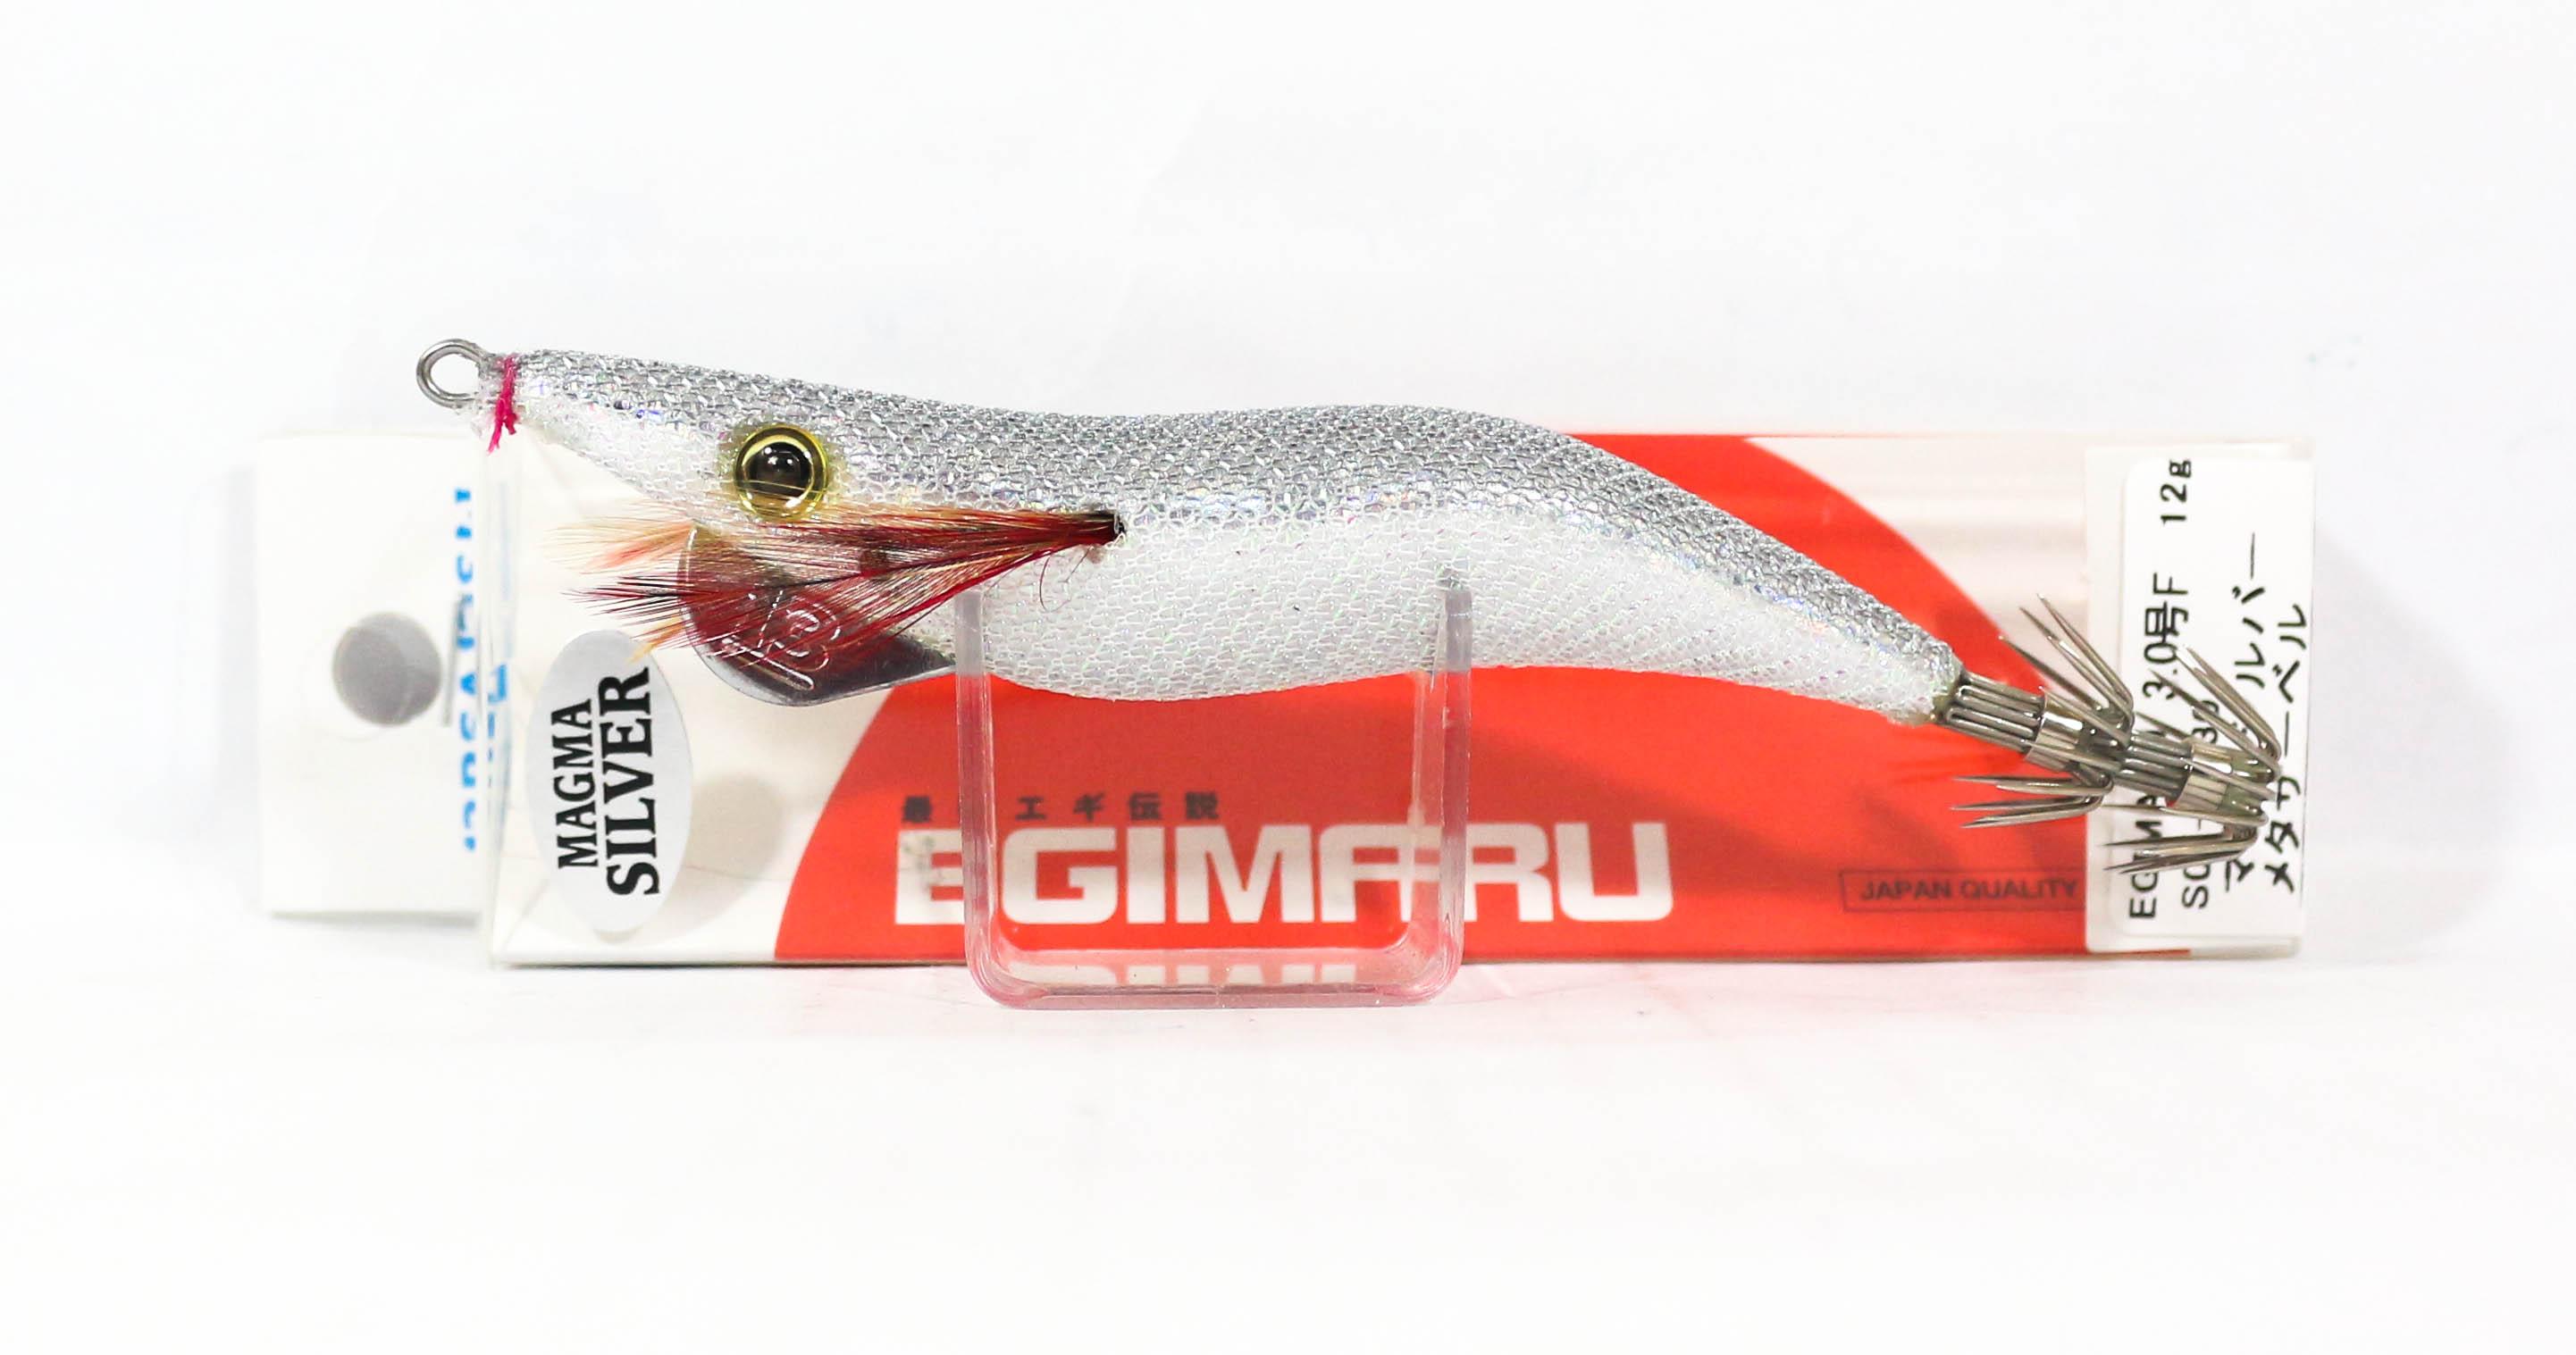 Breaden Egimaru Squid Jig Sinking Lure 3.0F S01-ES30 (5100)